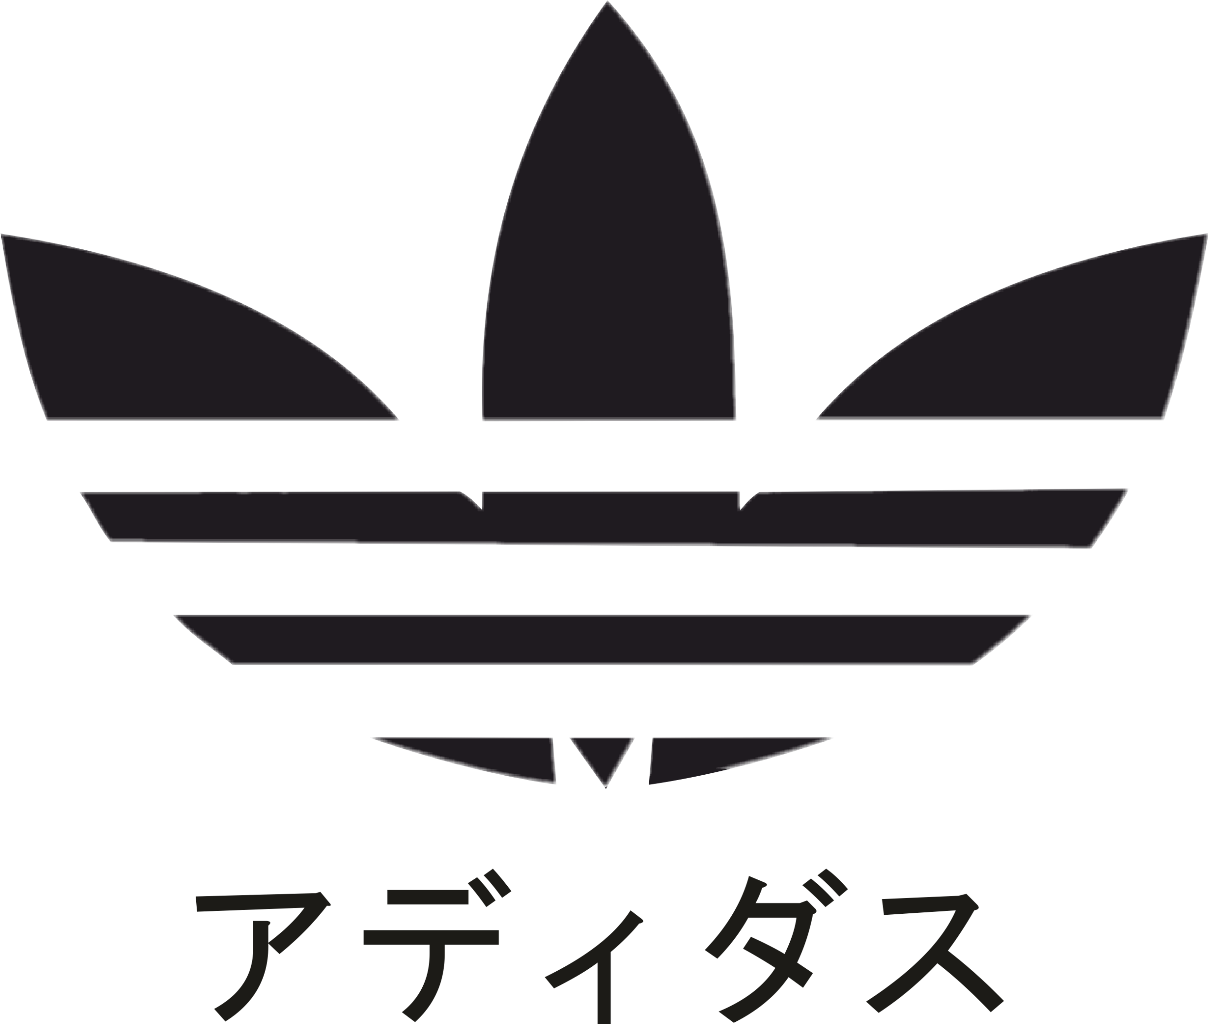 Japan clipart tumblr transparent. Adidas sad sadidas aesthetic